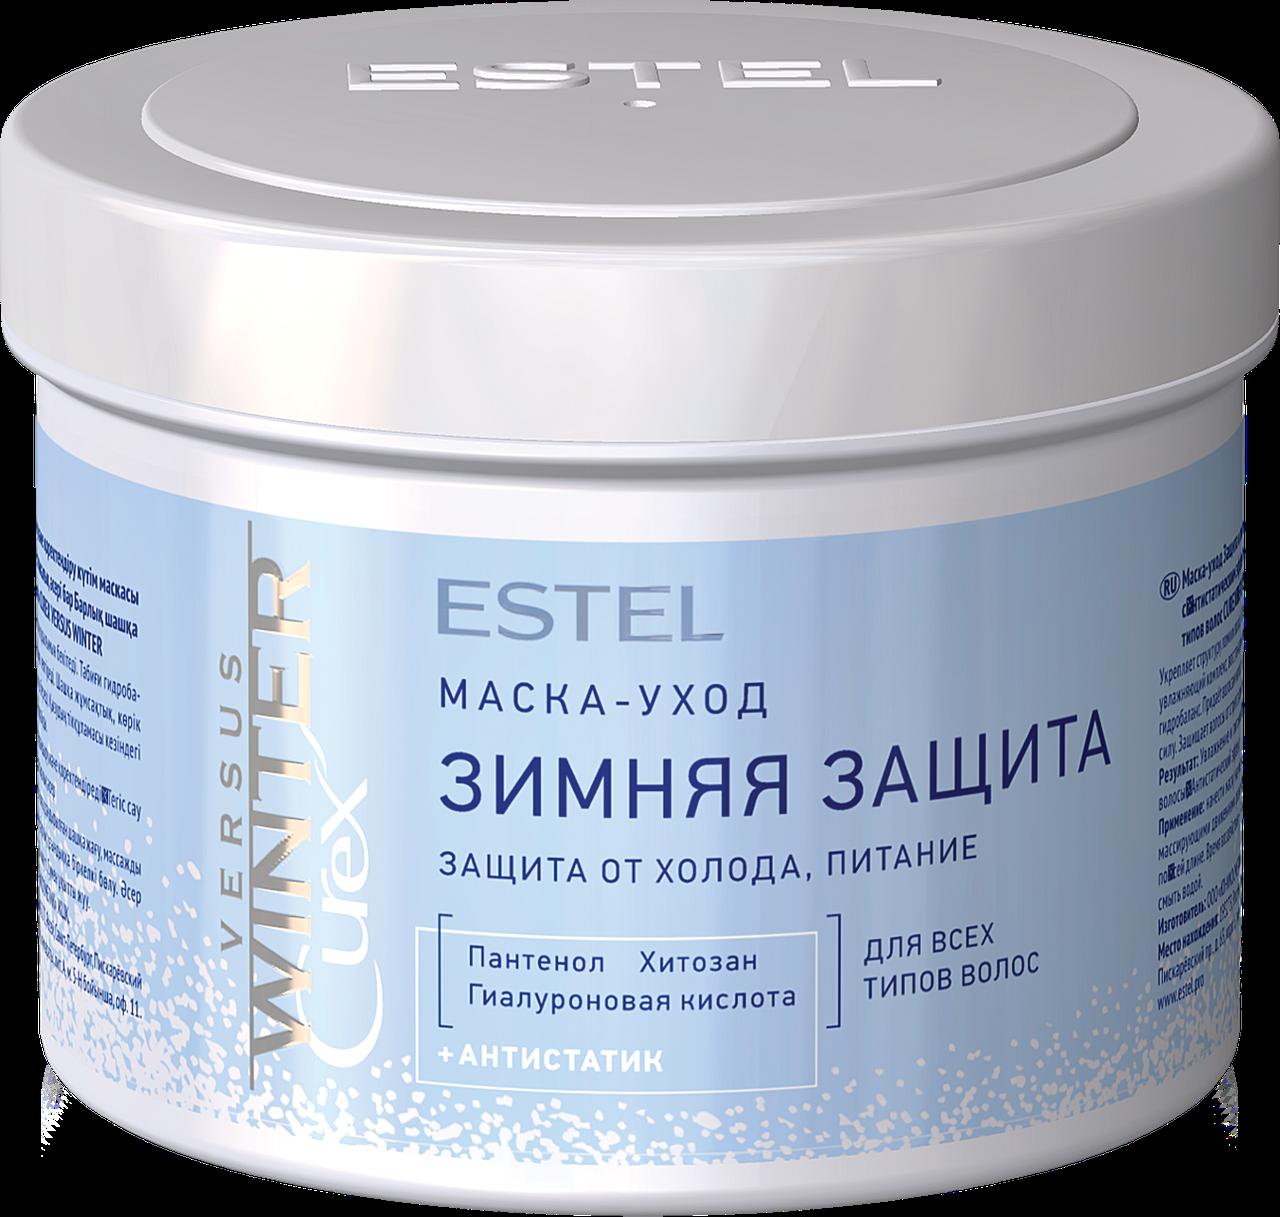 Маска CUREX VERSUS WINTER для волосс защита и питание, 500 мл